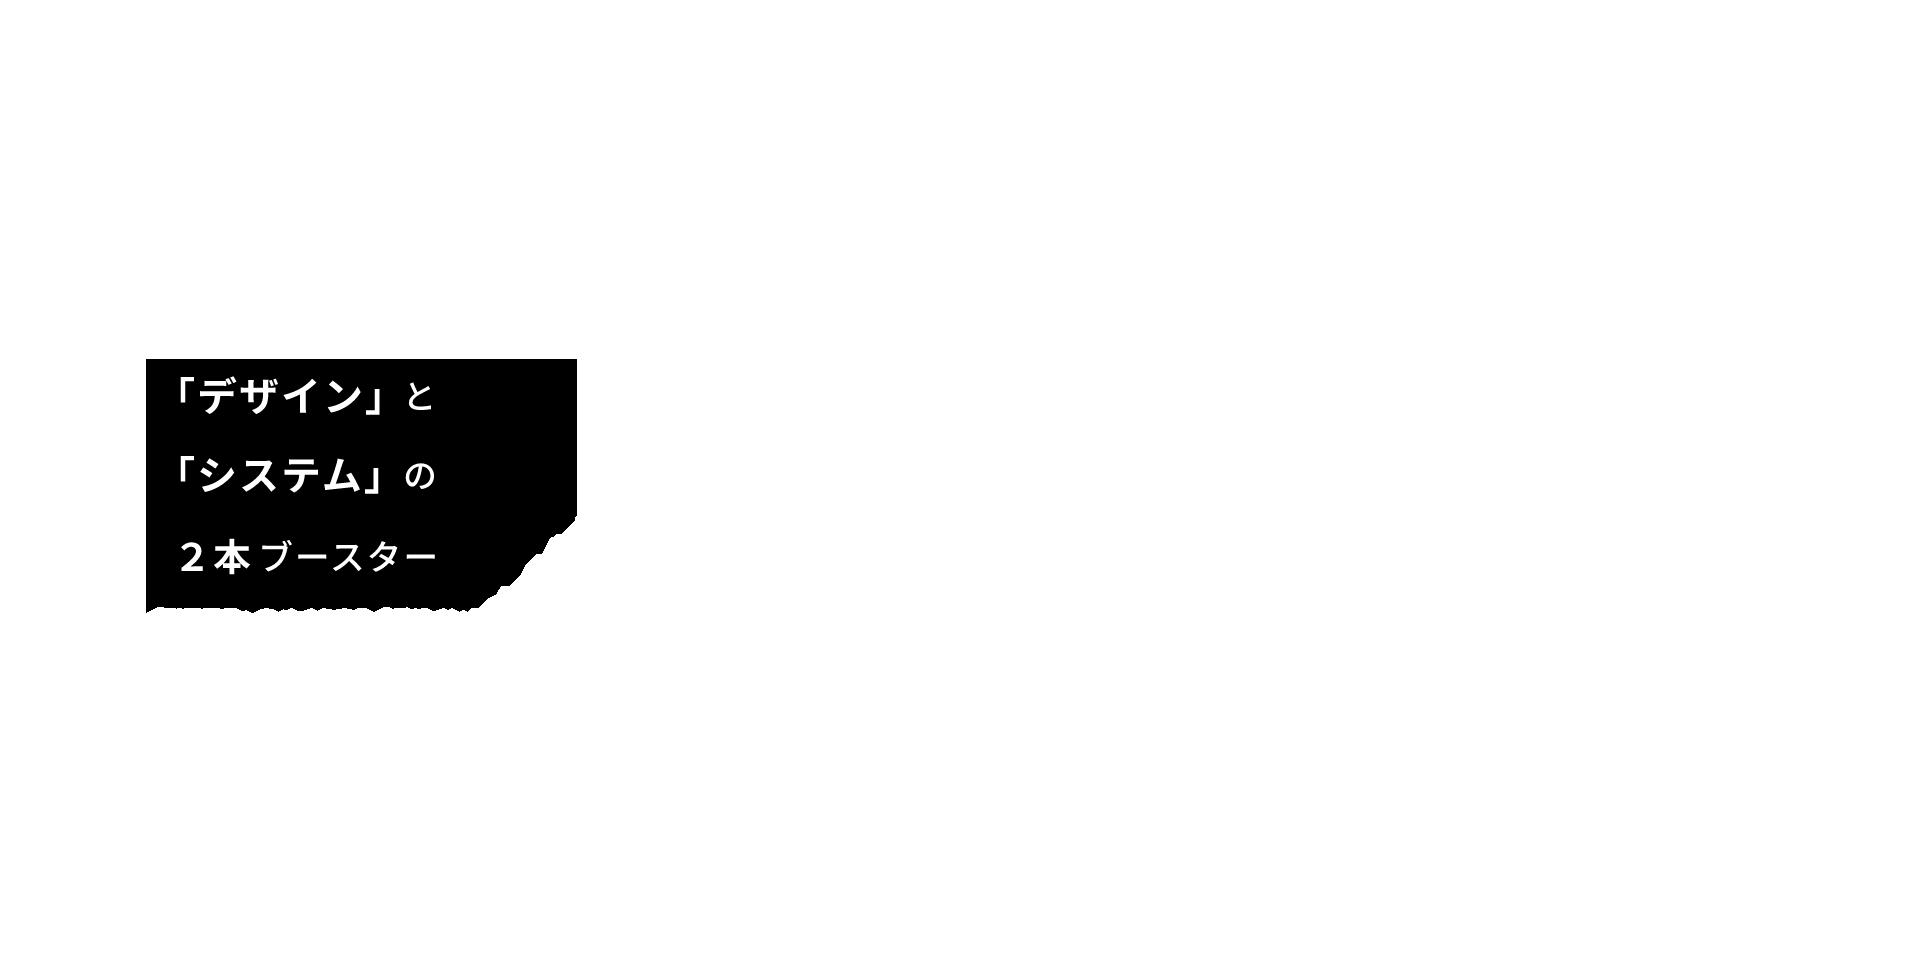 カバーテキスト